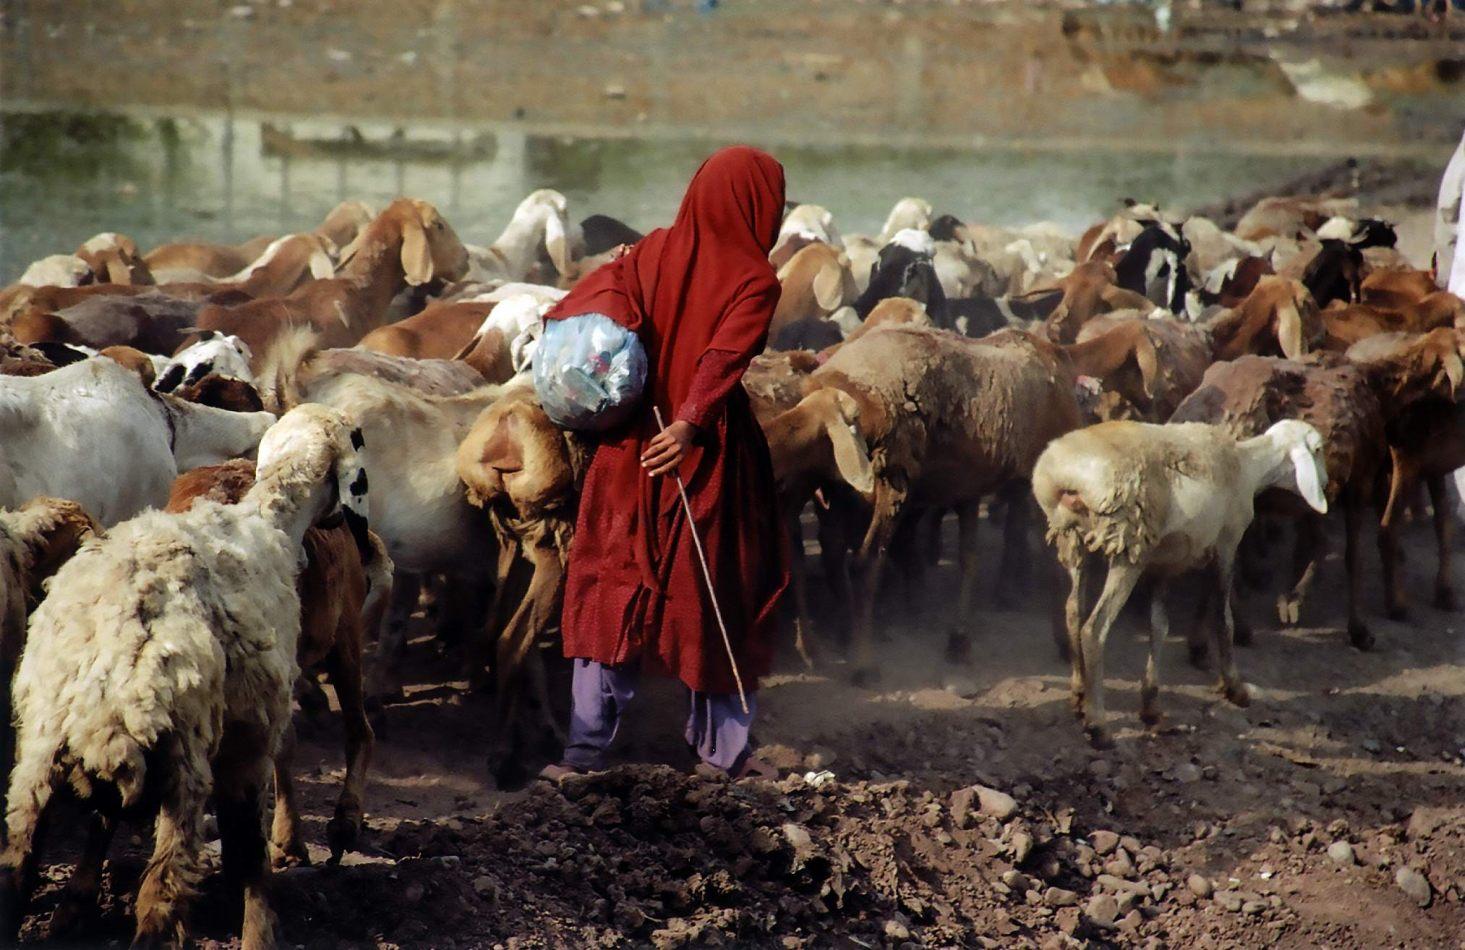 Anthony Ellis Photography: Zindabad - Red Shepherd